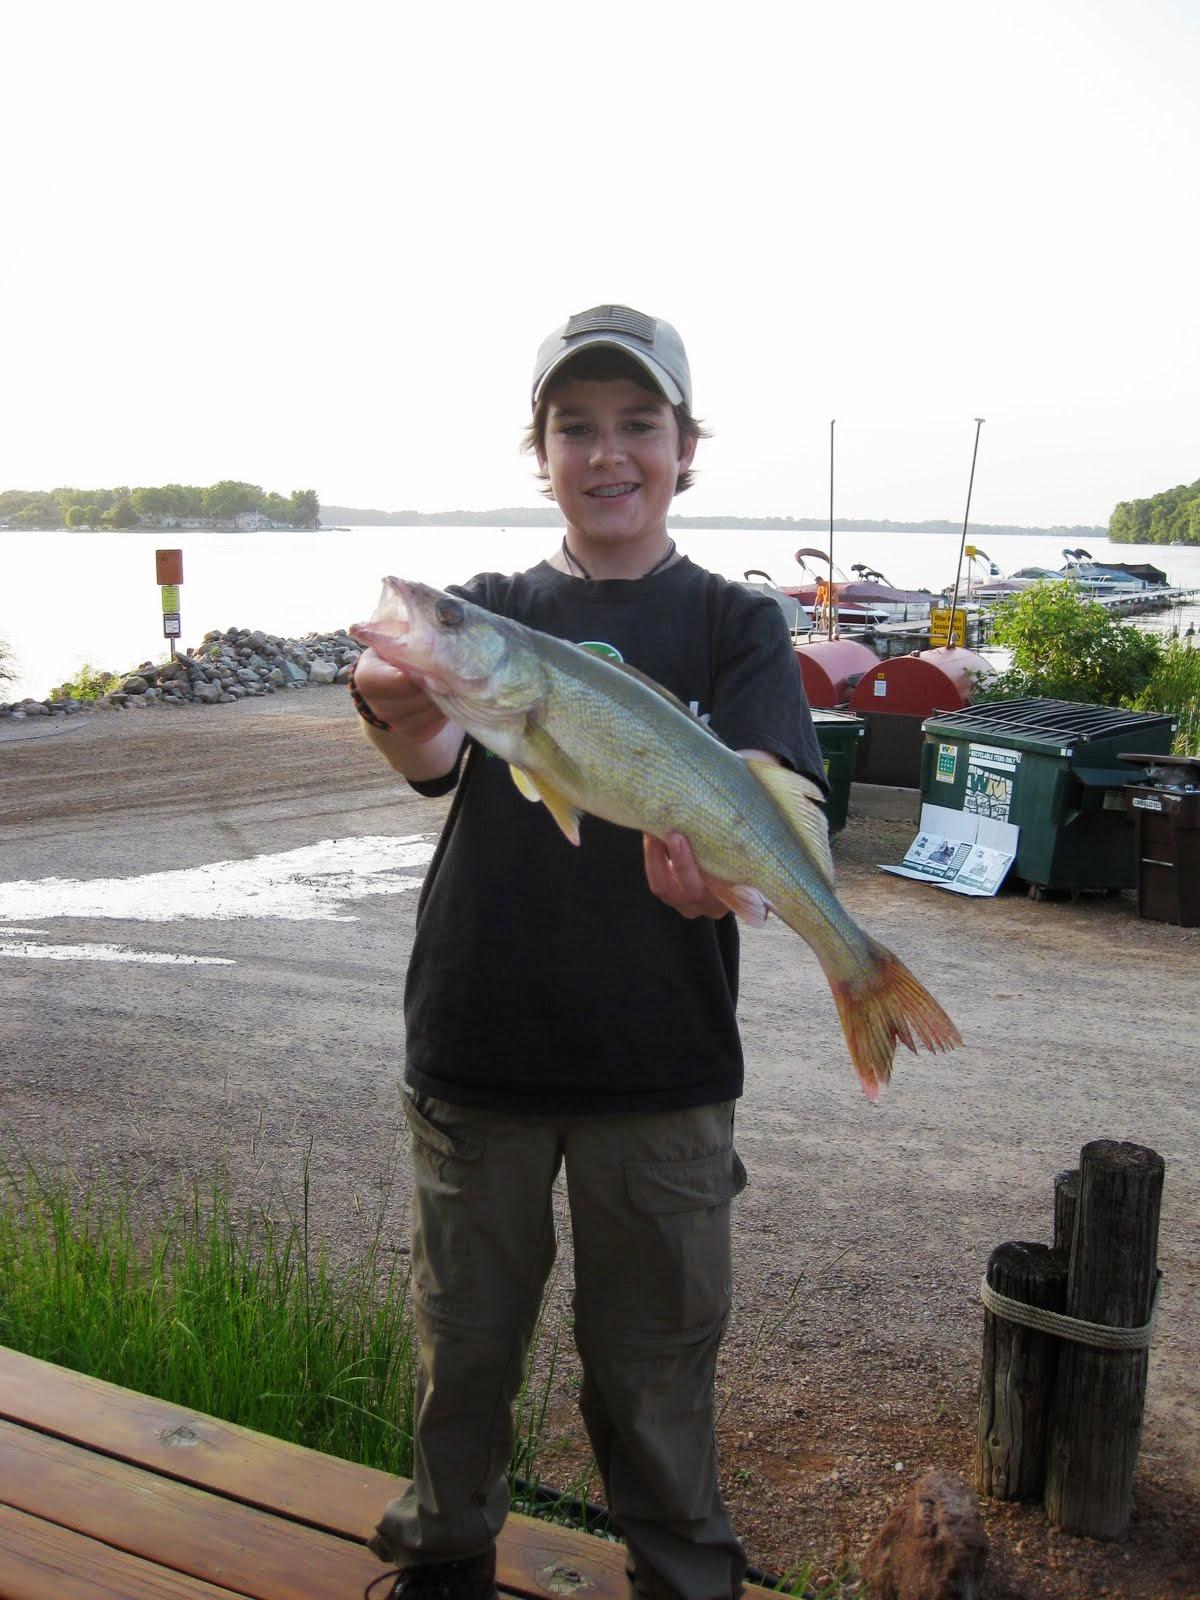 In towne marina news feed lake waconia fishing report and for Lake waconia fishing report